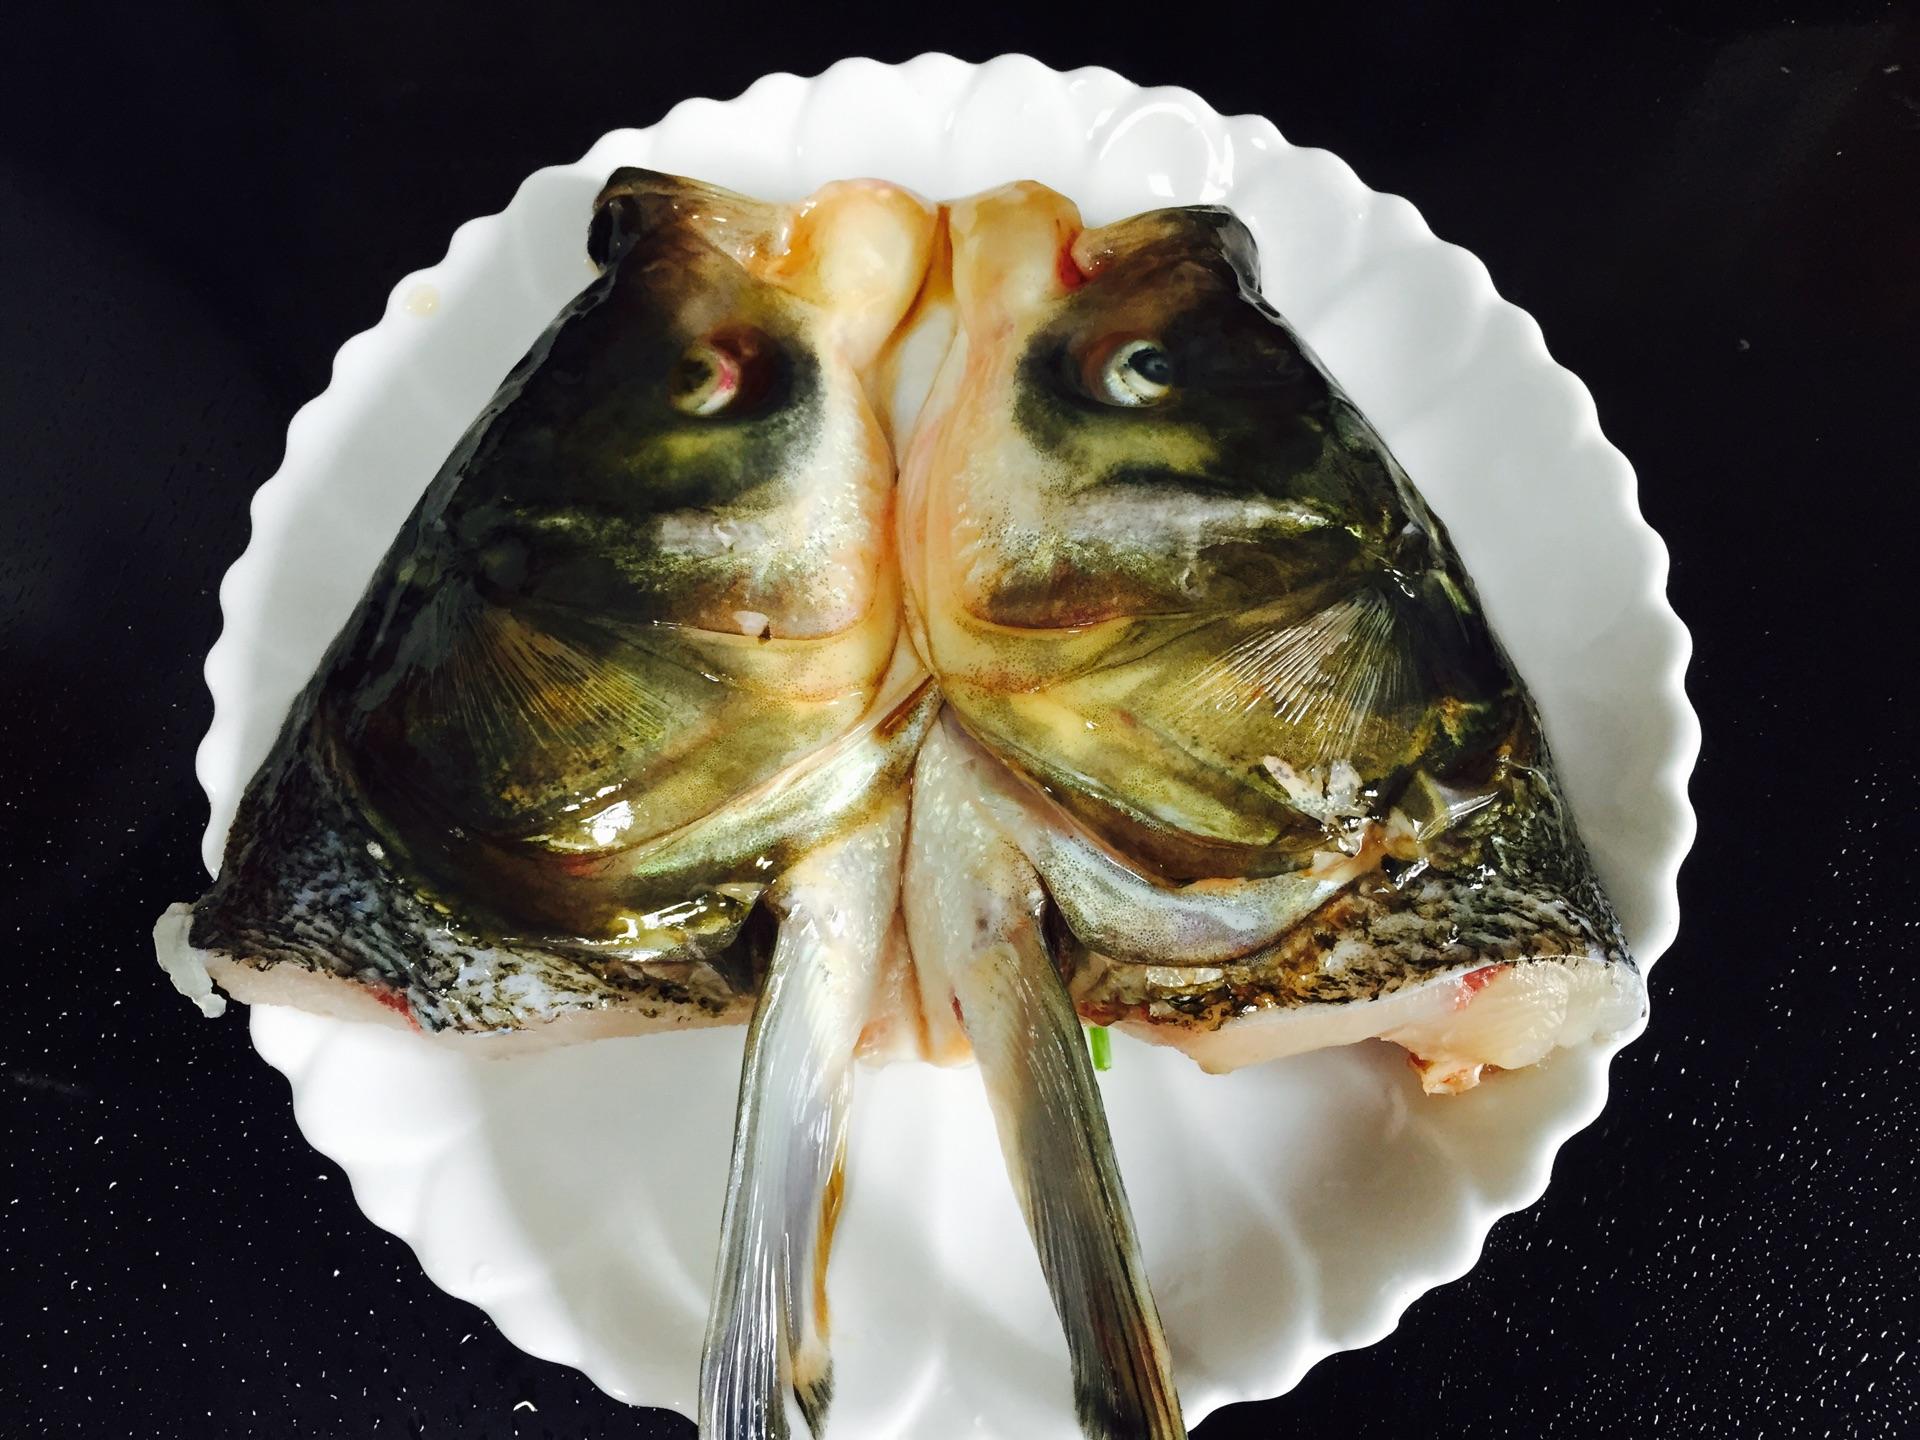 双色剁椒鱼头#太太乐鲜鸡汁中式#的做法图解1